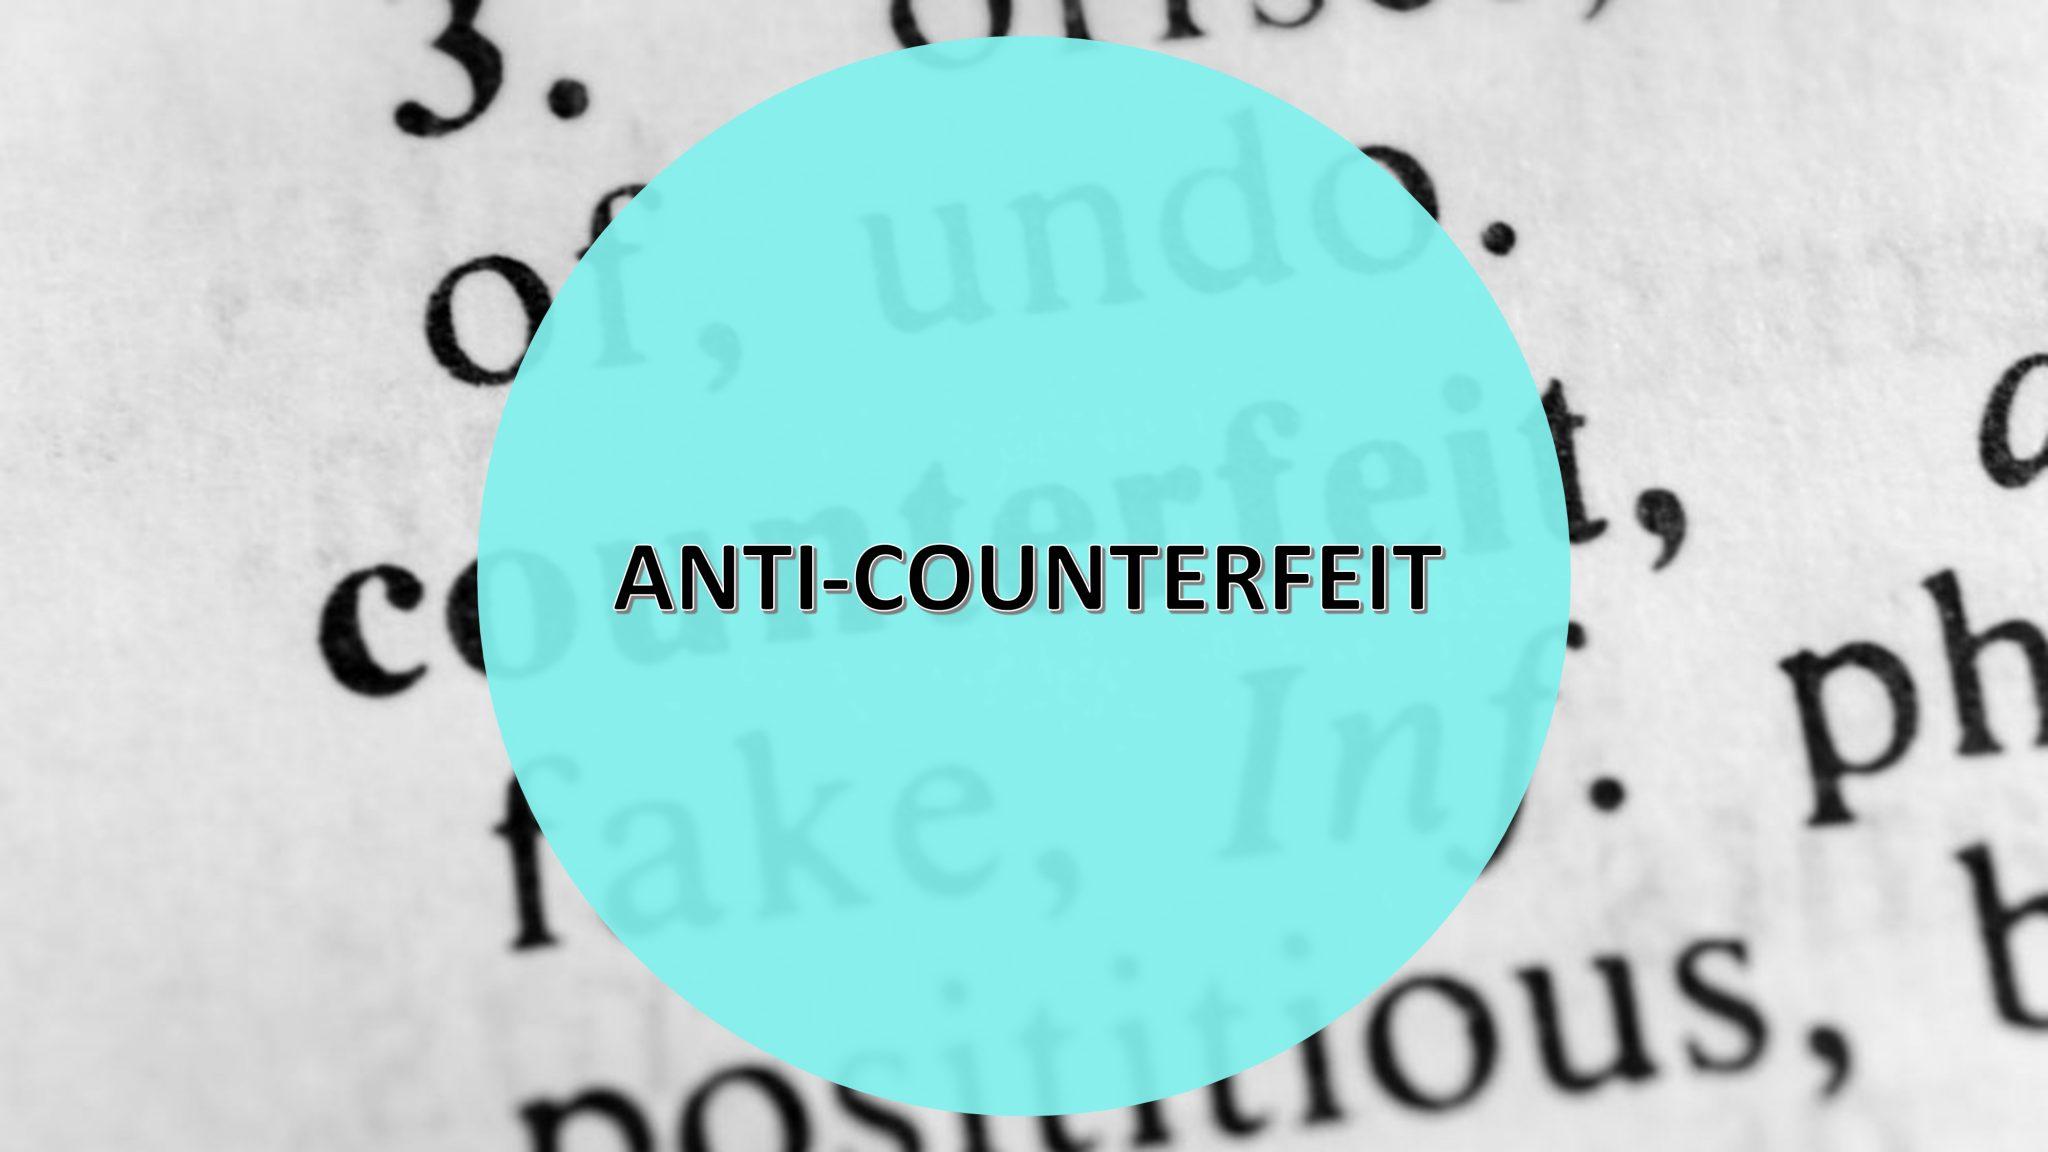 Anti Counterfeit